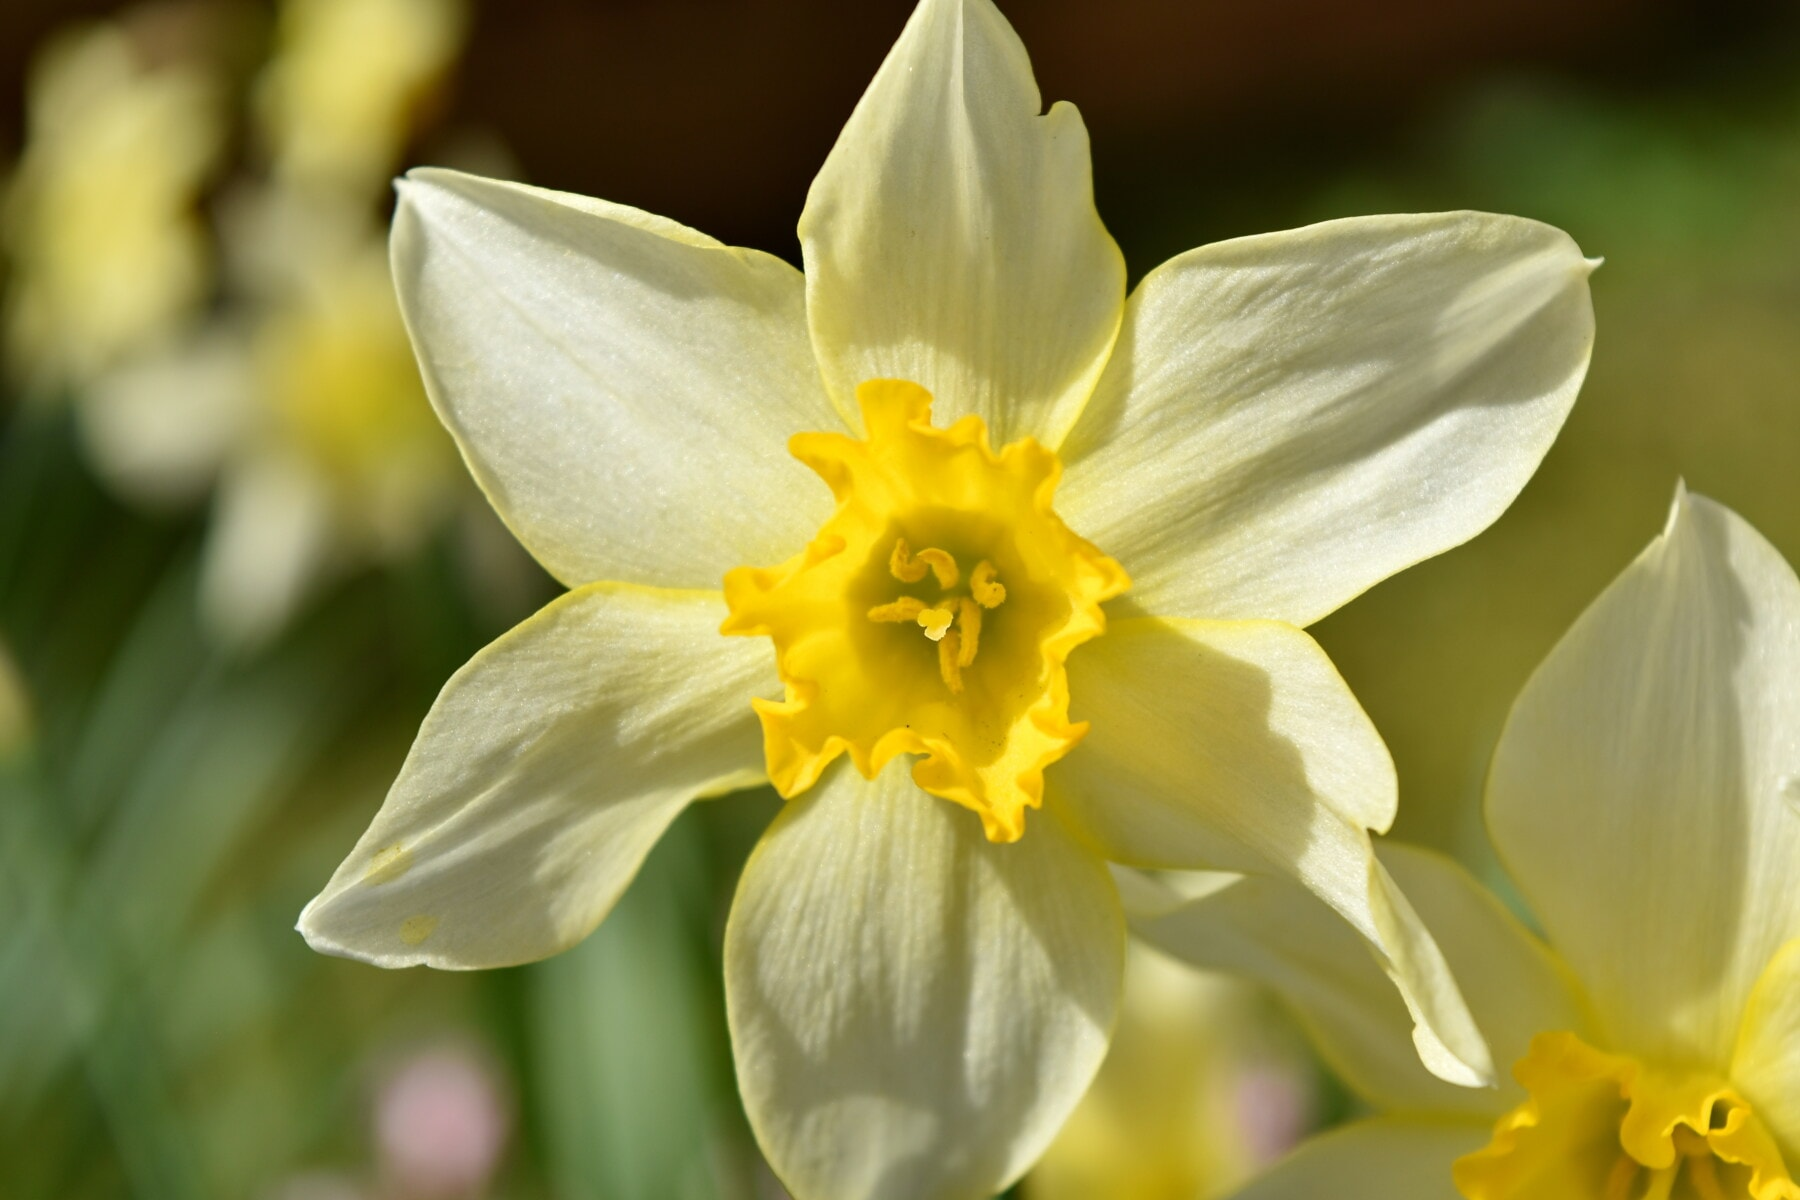 Blumen, Narzisse, Pollen, gelb, Nektar, aus nächster Nähe, Gartenbau, blühen, Natur, Garten